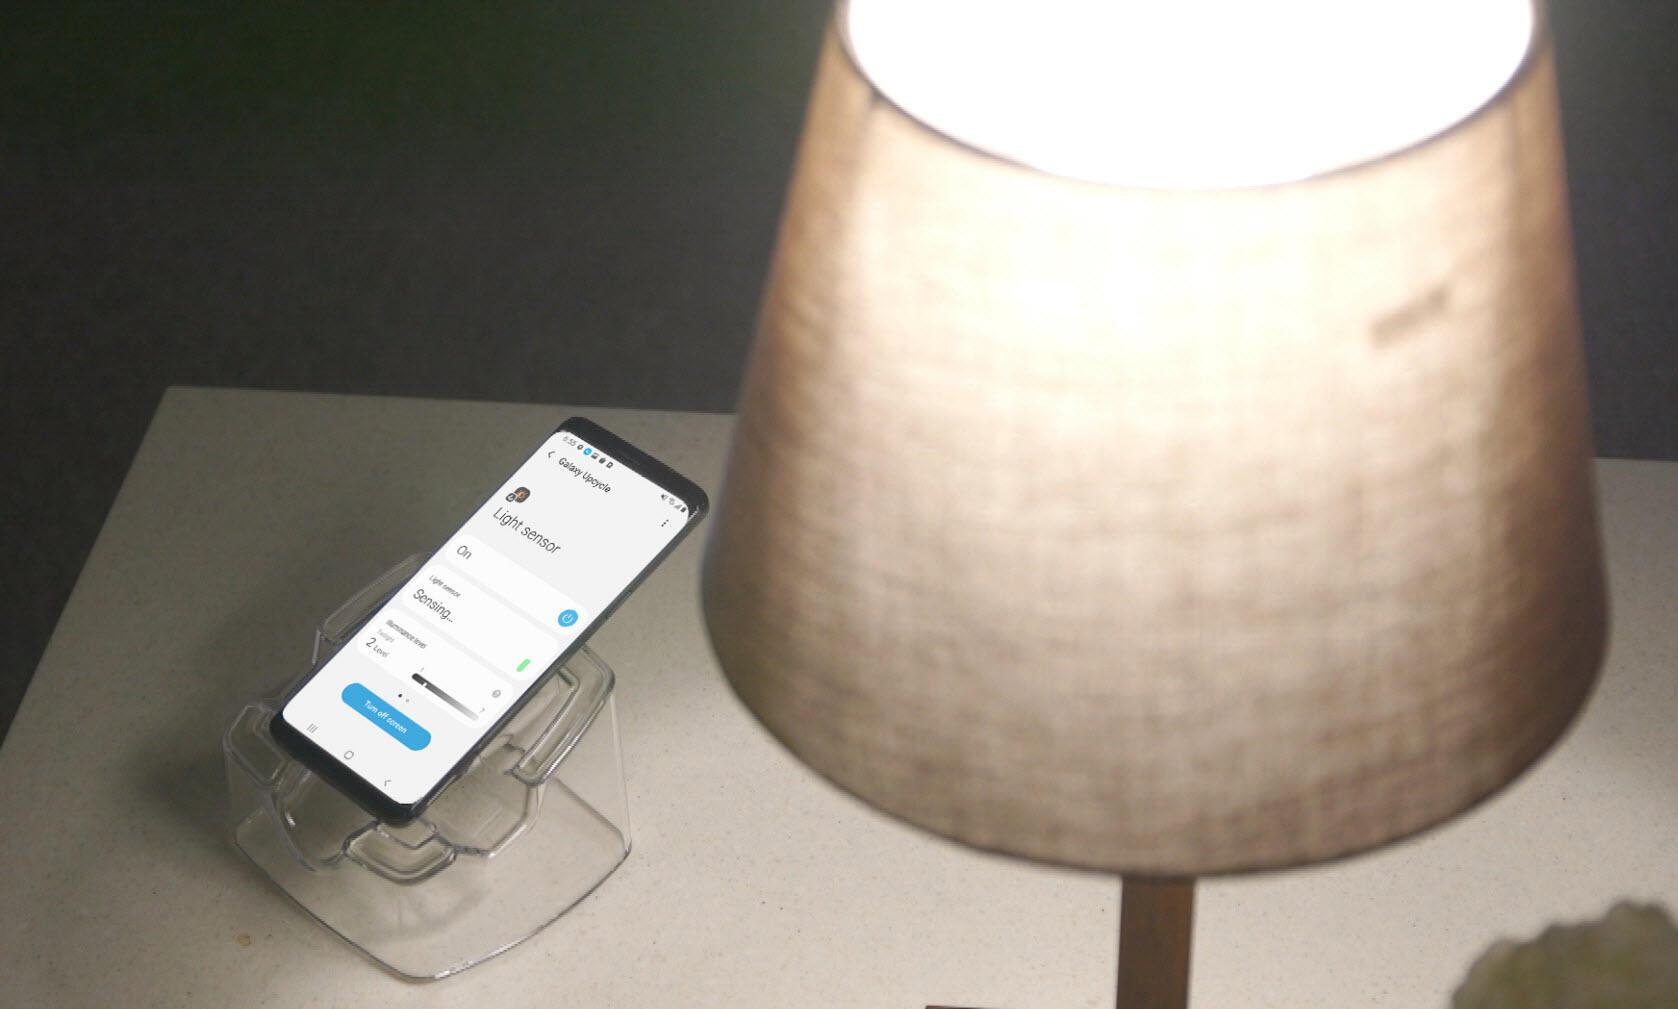 Eski akıllı telefonlar, akıllı ev cihazlarına dönüşecek